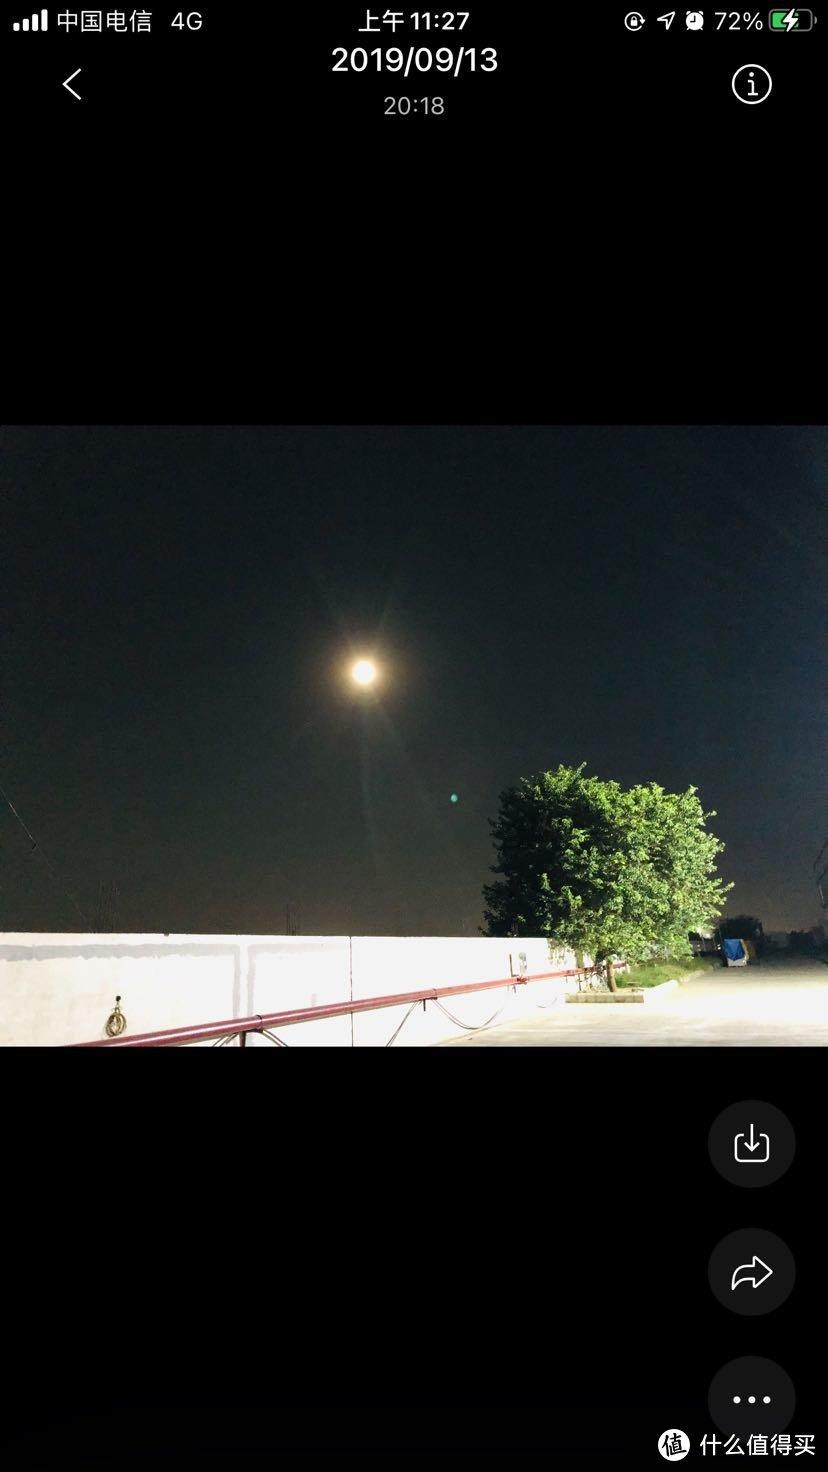 印度的月亮,有点想家了